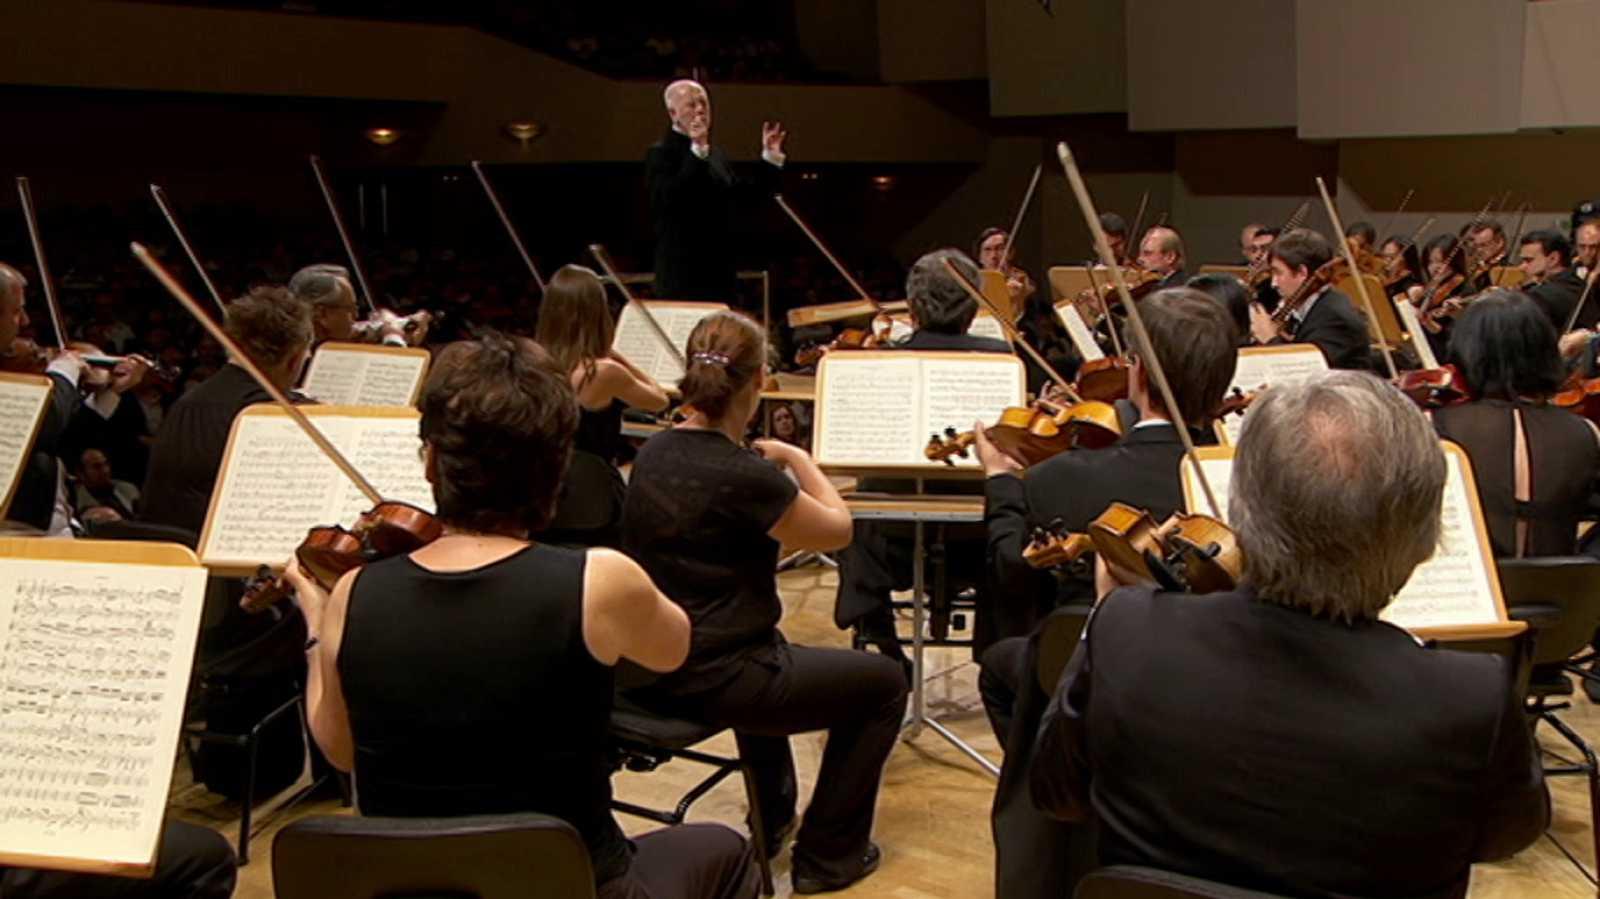 Los conciertos de La 2 - Integral Sinfonías de Beethoven. Día de la música. Sinfonía nº 9 - ver ahora